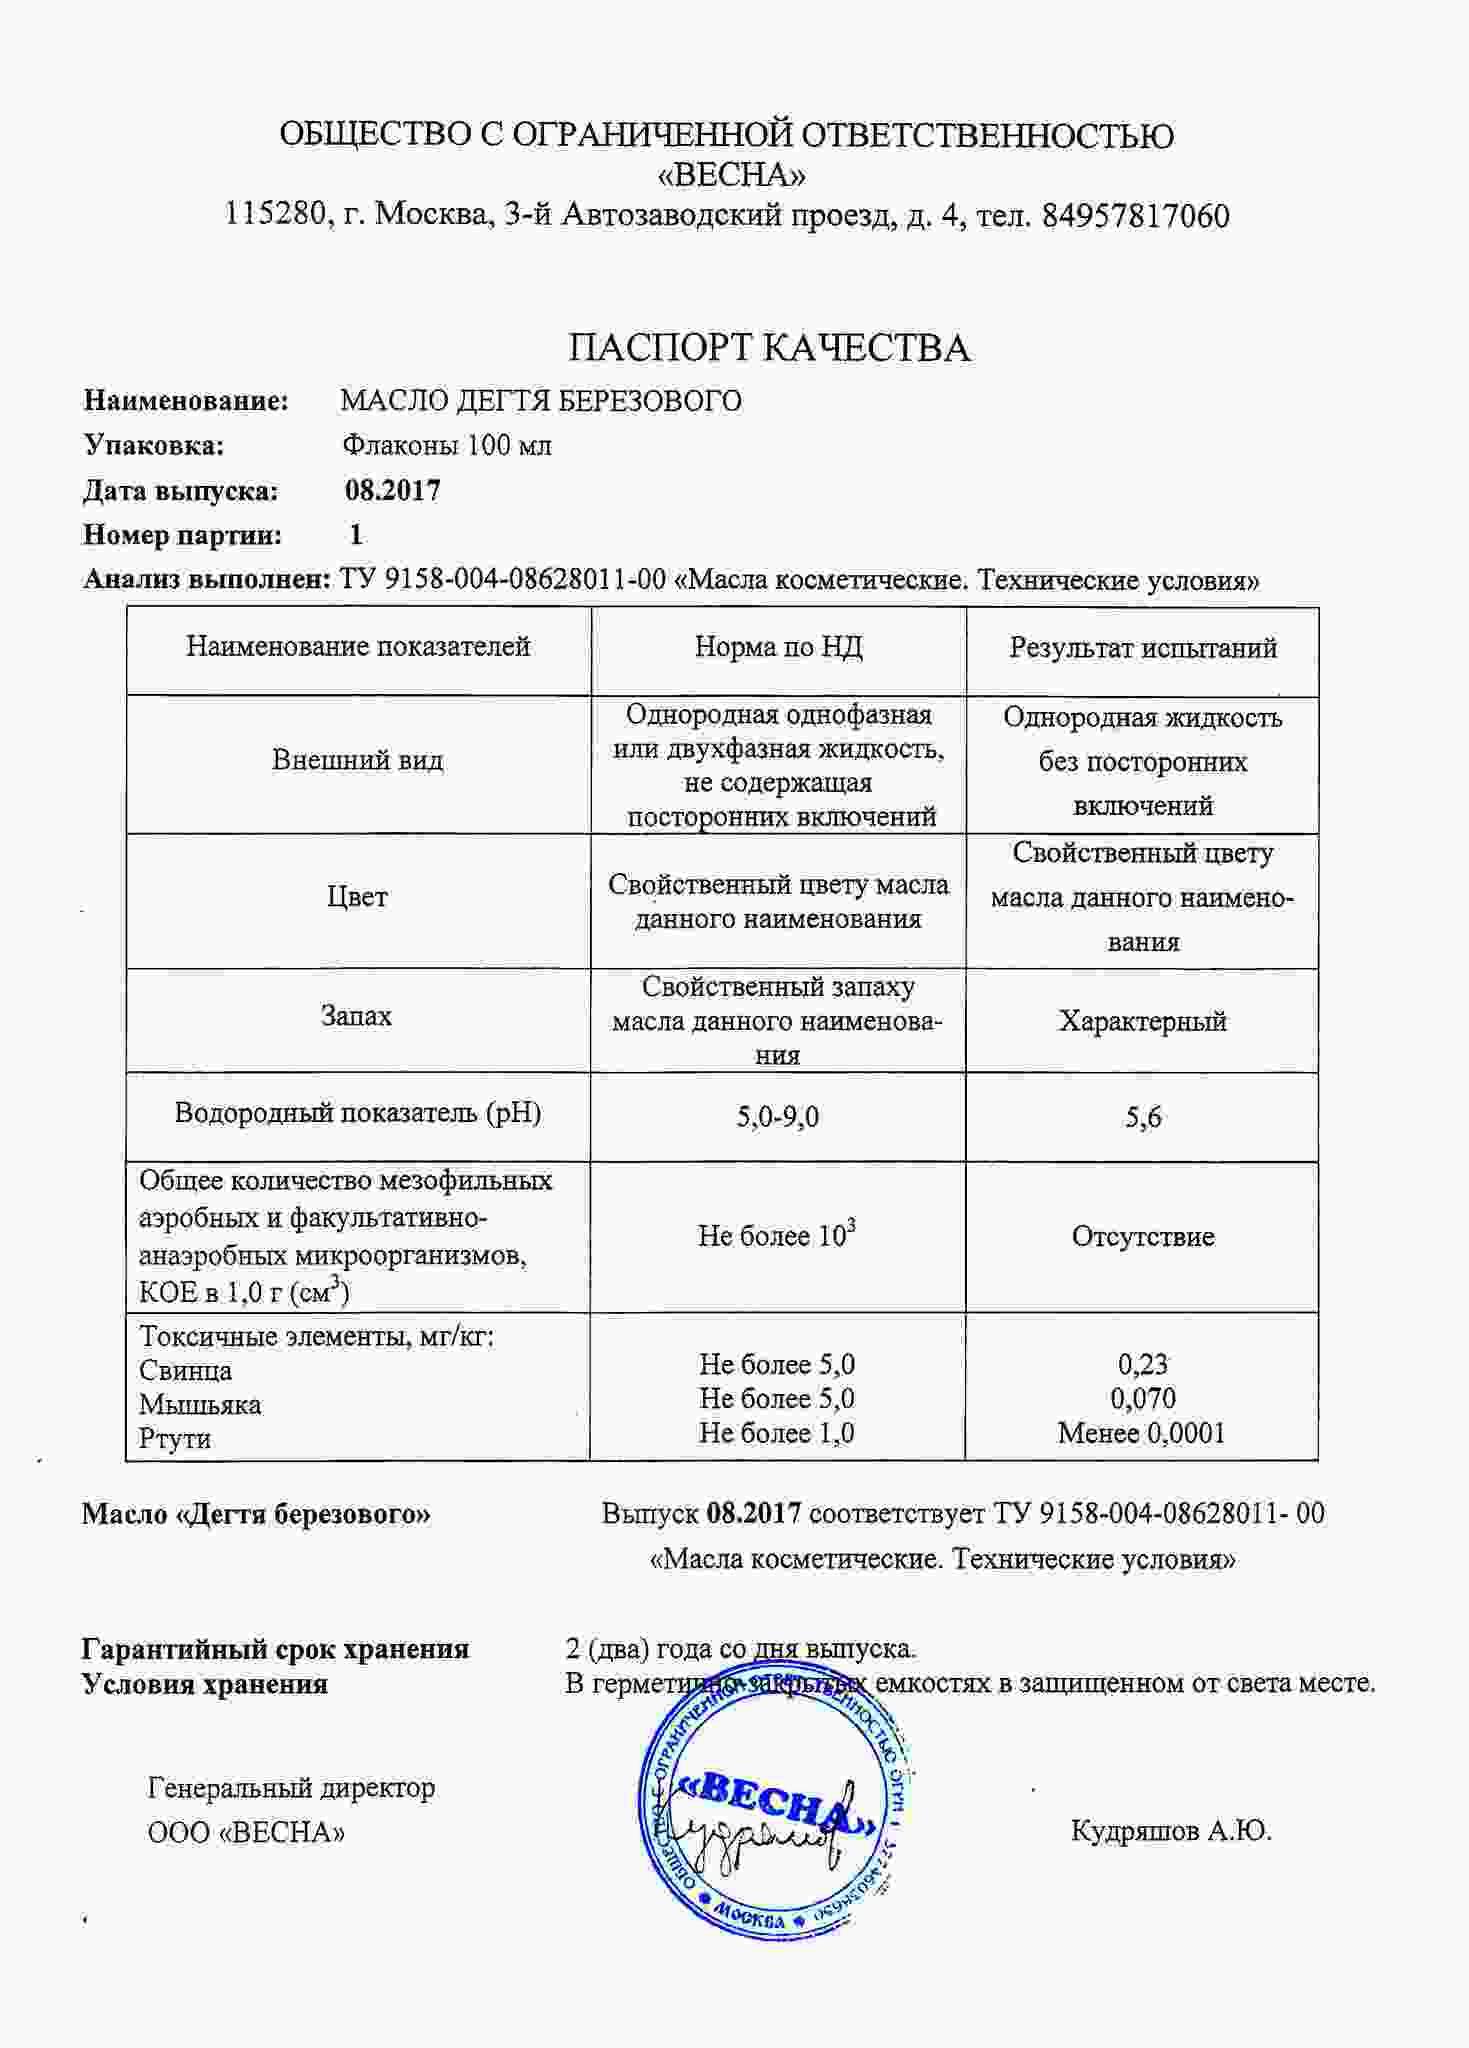 Масло Дегтя березового косметическое 100 мл.